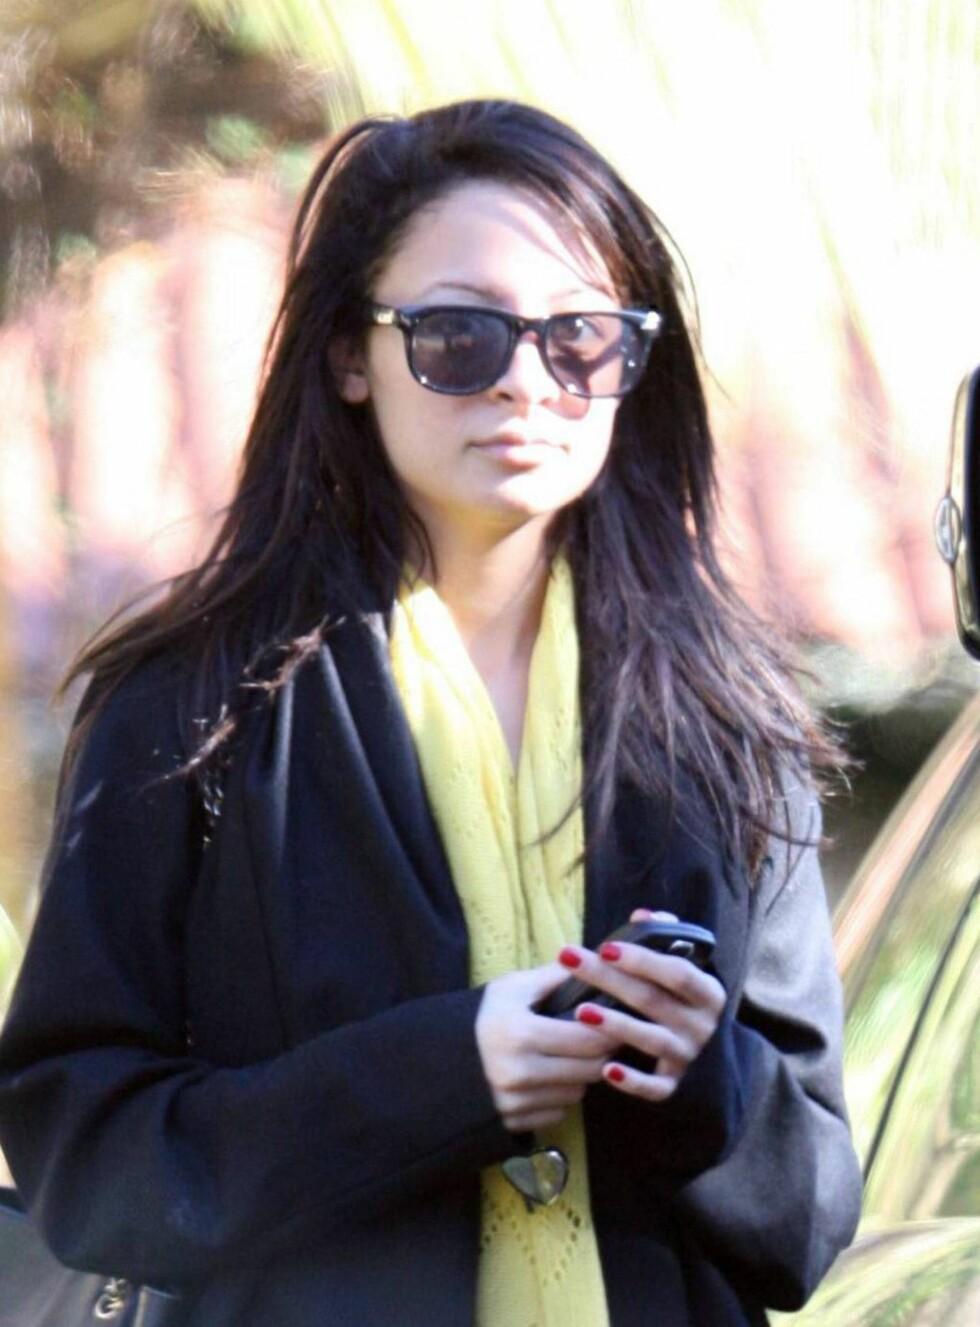 SKREMT: Nicole var virkelig ikke forberedt på å møte pressekorpset så tidlig på morgenen ... Foto: All Over Press